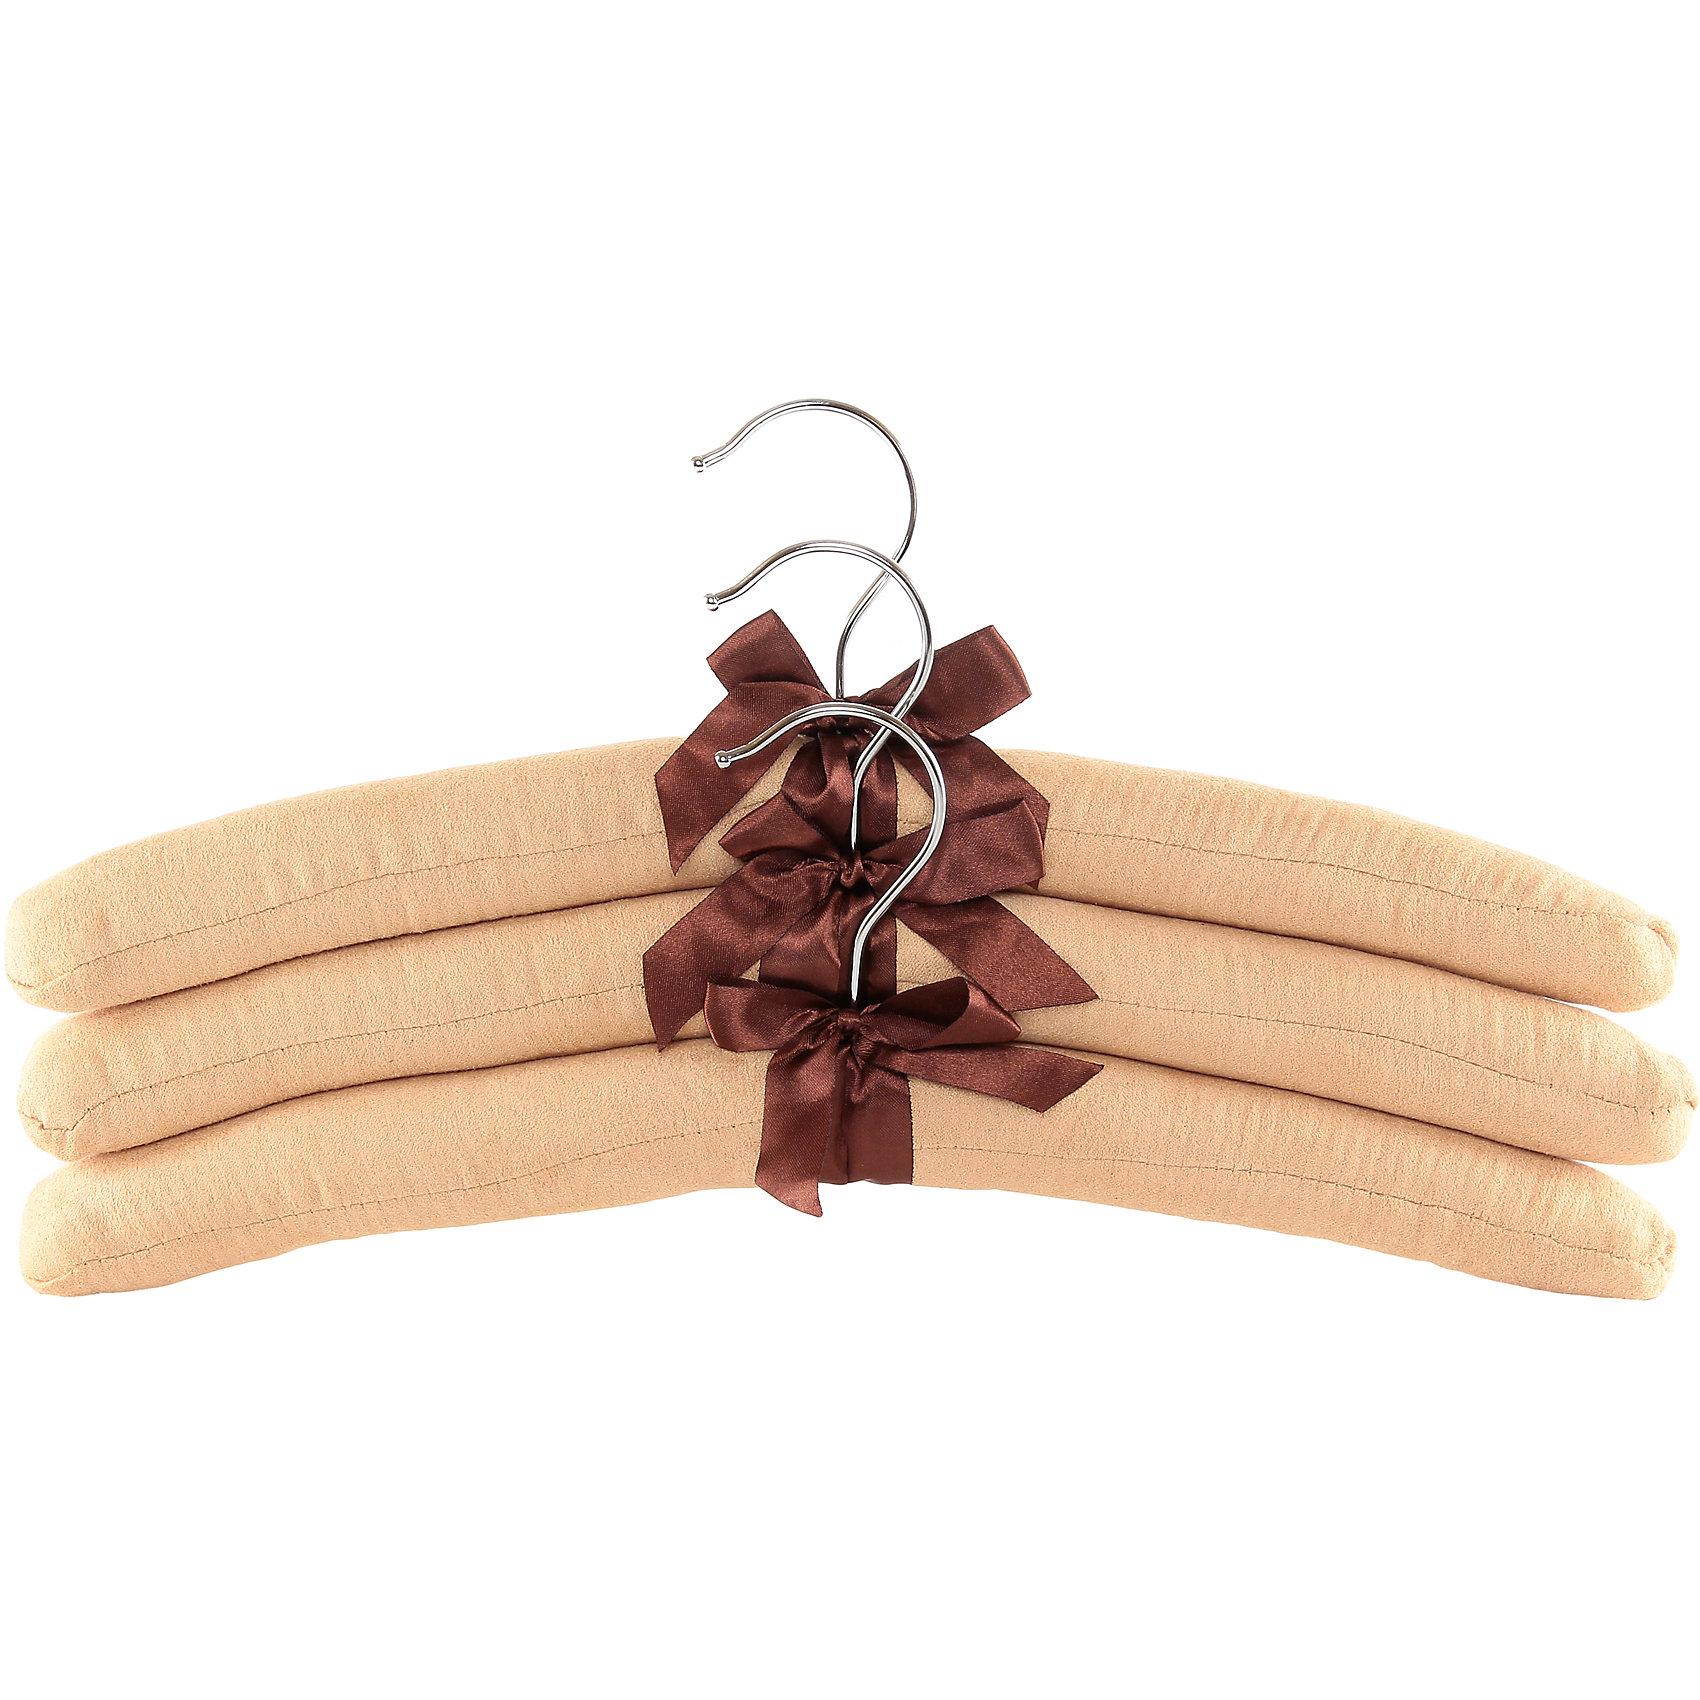 Вешалки 3 шт. 38*3,2*13,8 см. Бежевые с коричневым бантиком, EL CasaПредметы интерьера<br>Набор тканевых вешалок идеально подойдет для деликатной одежды. Мягкие вешалки сохранят форму плечей на вещах.С ними Вашаодежда избежит ненужных растяжек и провисаний.<br><br>Ширина мм: 390<br>Глубина мм: 35<br>Высота мм: 200<br>Вес г: 228<br>Возраст от месяцев: 0<br>Возраст до месяцев: 1188<br>Пол: Унисекс<br>Возраст: Детский<br>SKU: 6668634